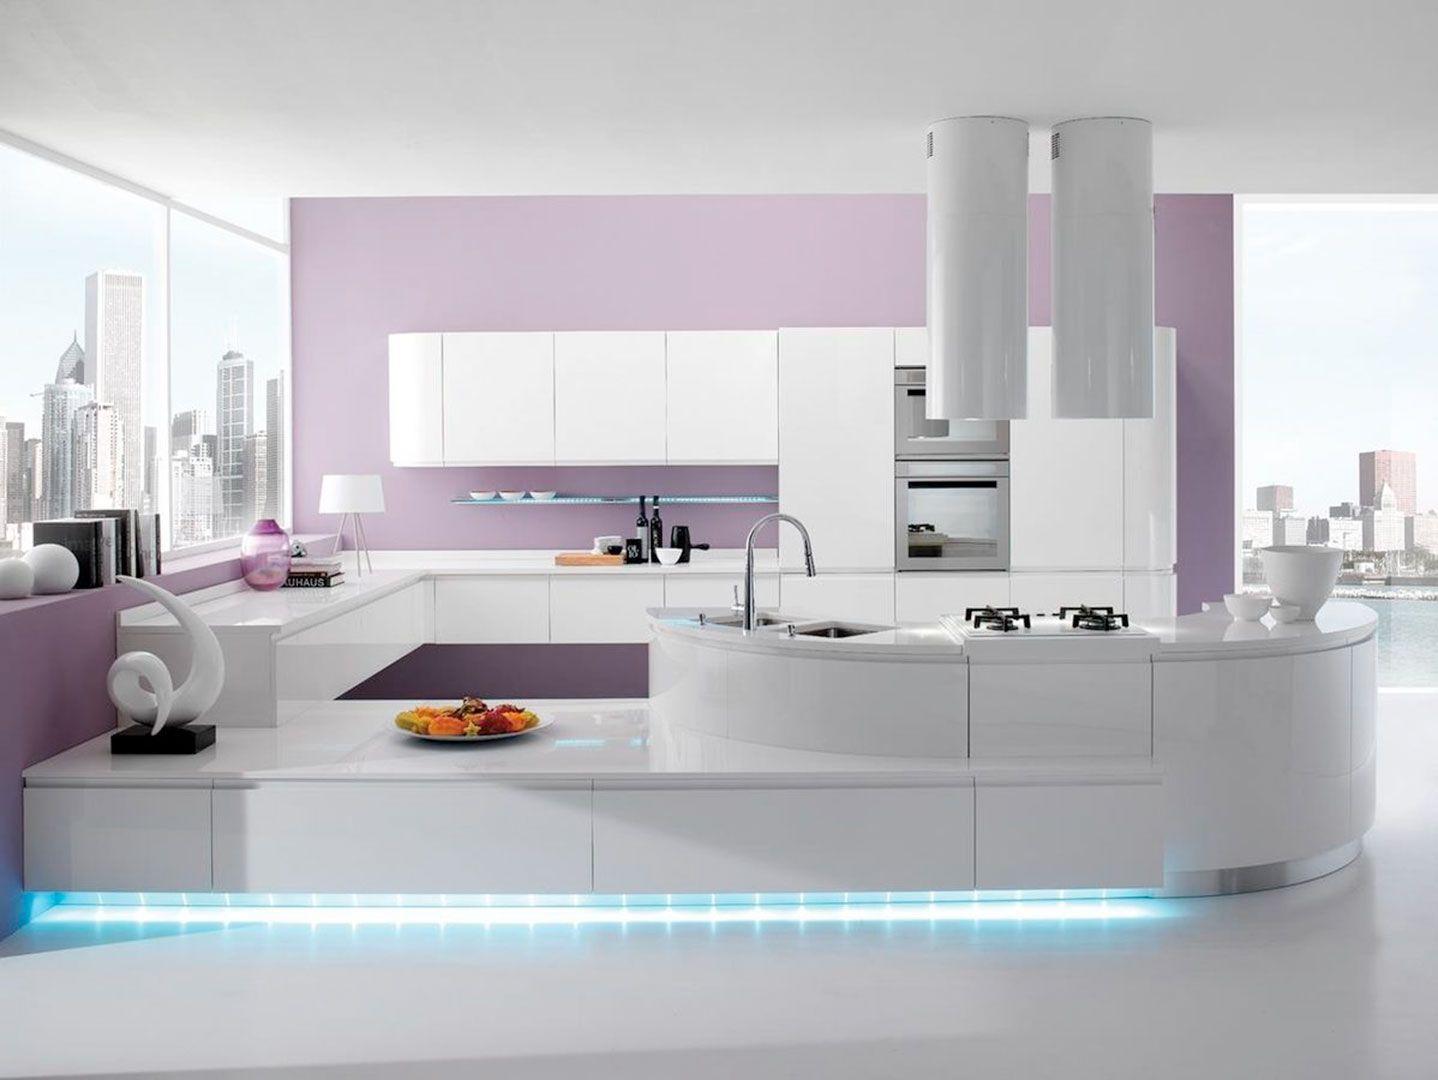 cucine moderne design - Cerca con Google  ae7677ab57e1